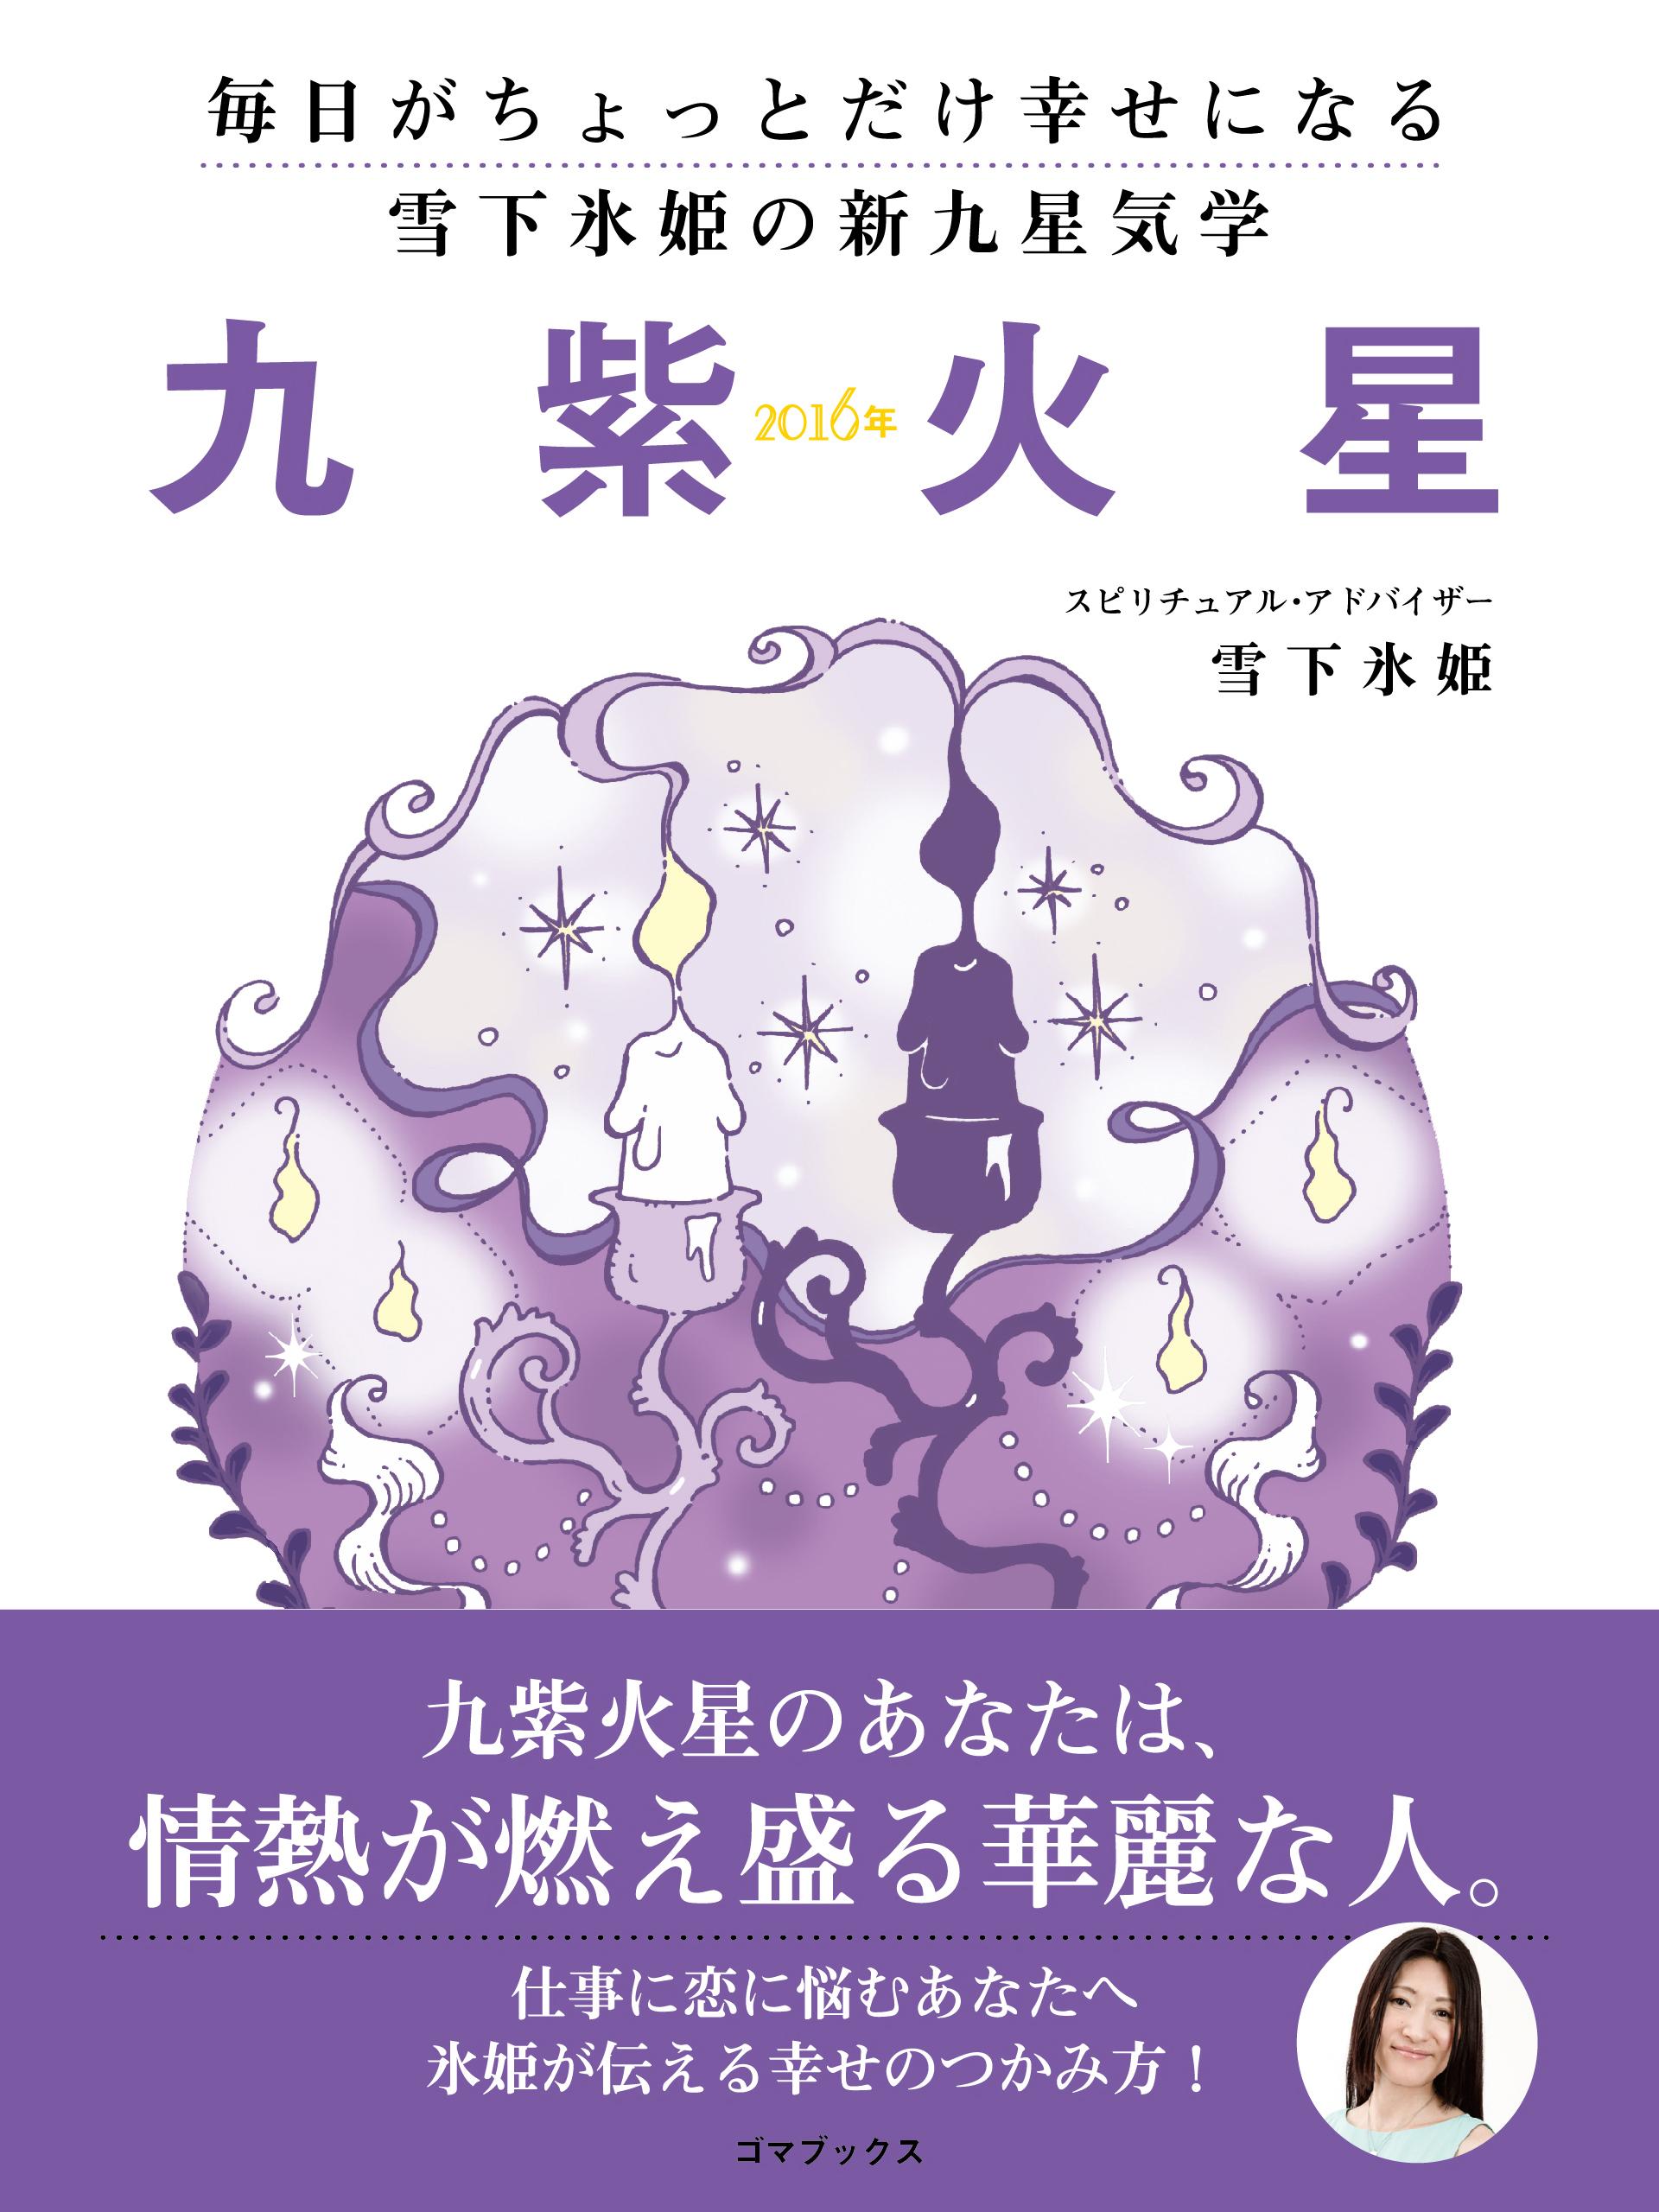 毎日がちょっとだけ幸せになる 雪下氷姫の新九星気学 2016年 九紫火星